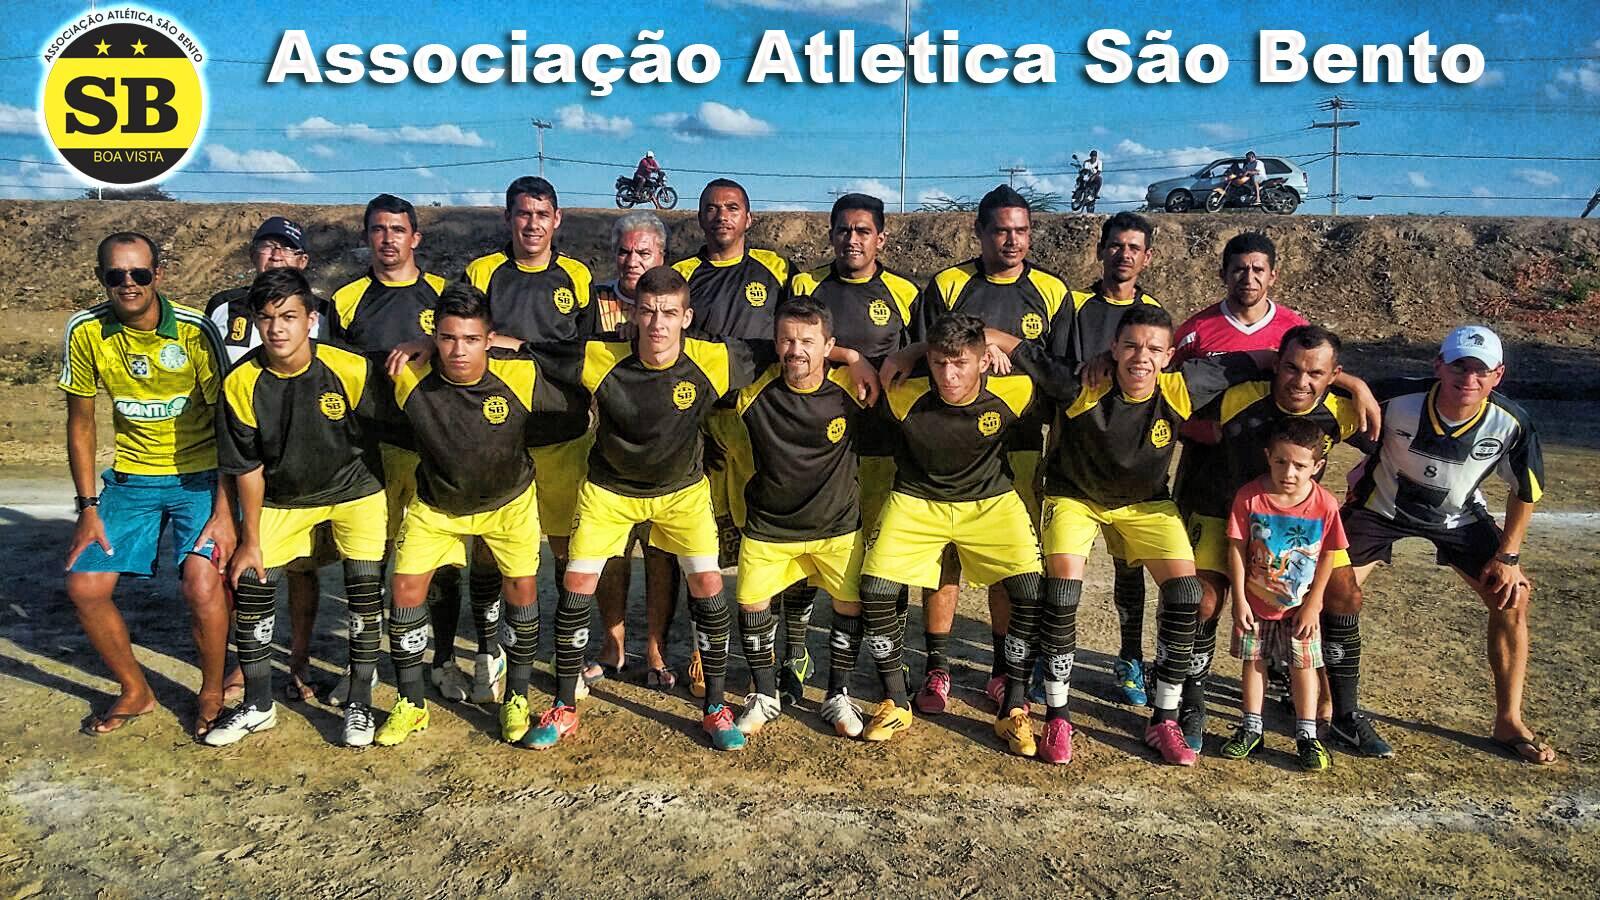 Associação Atlética São Bento / Boa Vista -PB